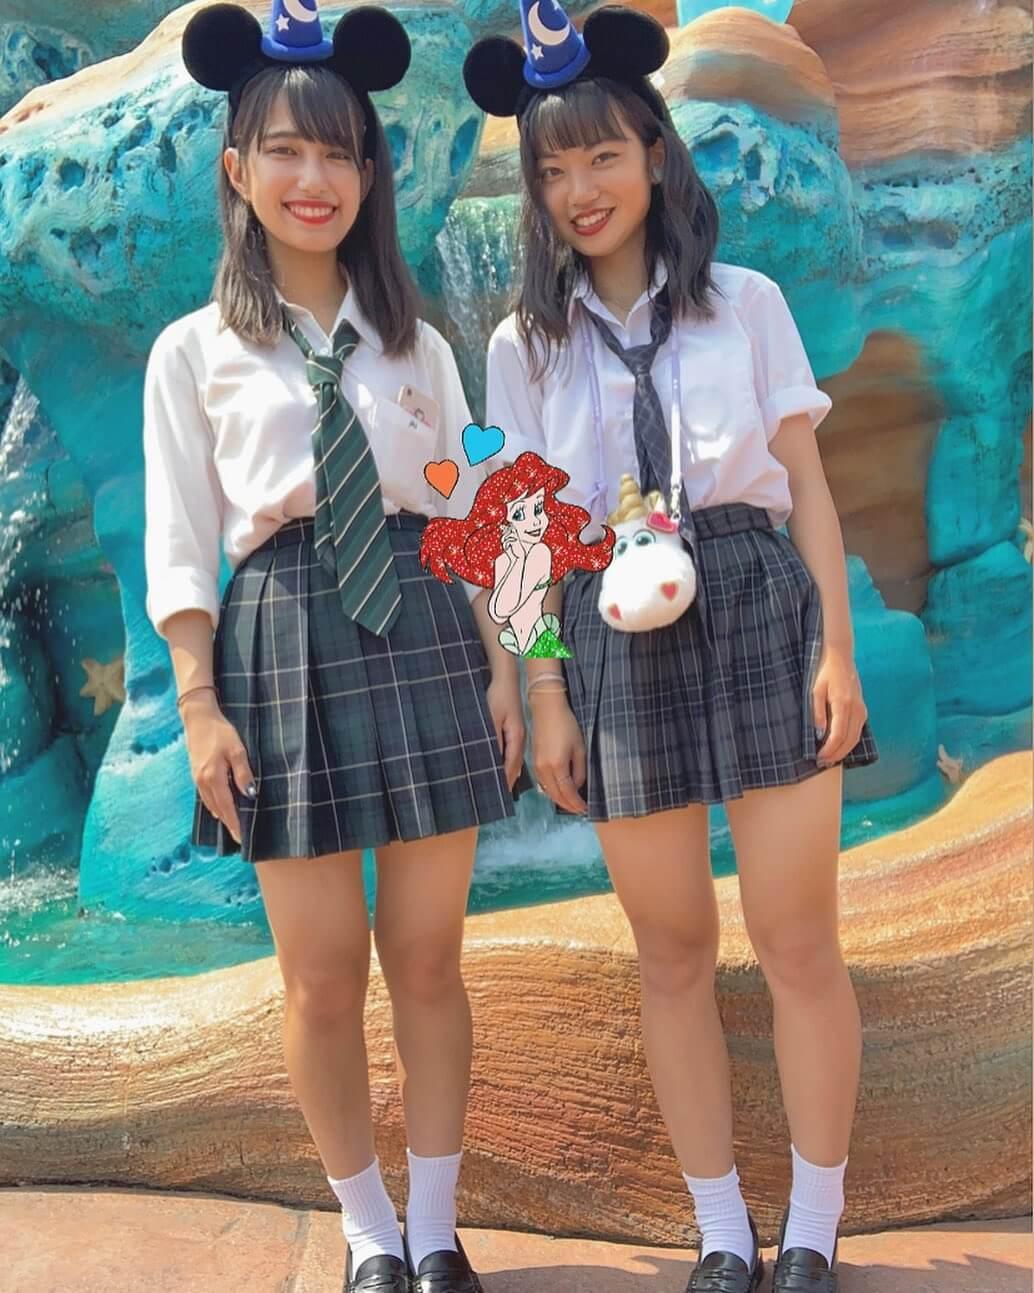 【画像】ディズニーで大はしゃぎする女子高生がカワイイ